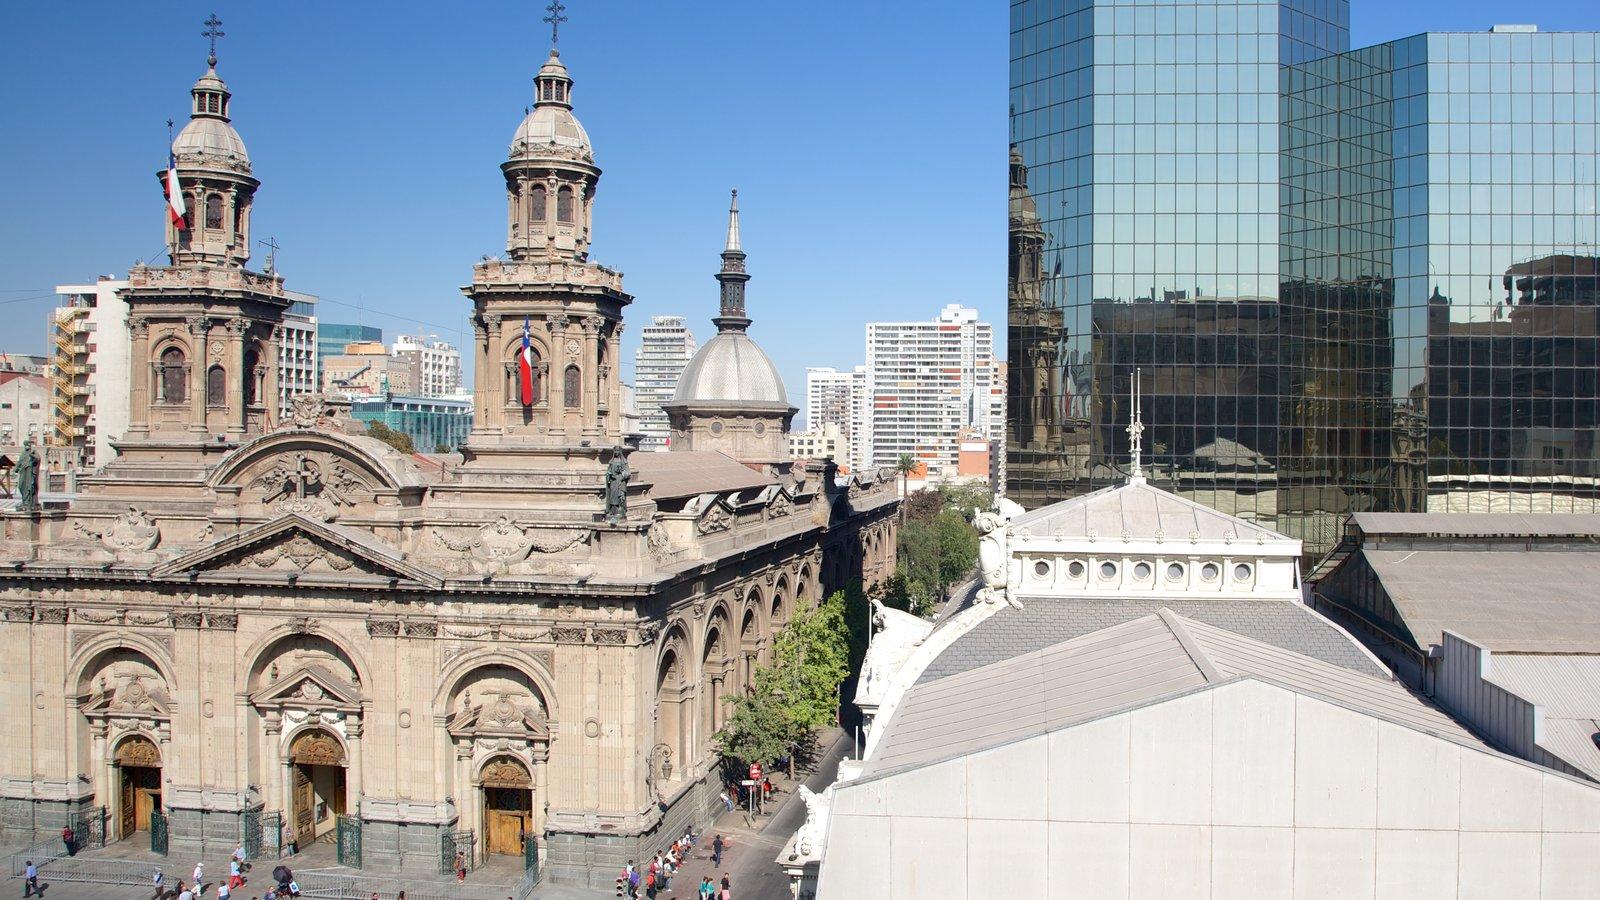 Museu de História Nacional mostrando distrito comercial central, uma igreja ou catedral e arquitetura de patrimônio